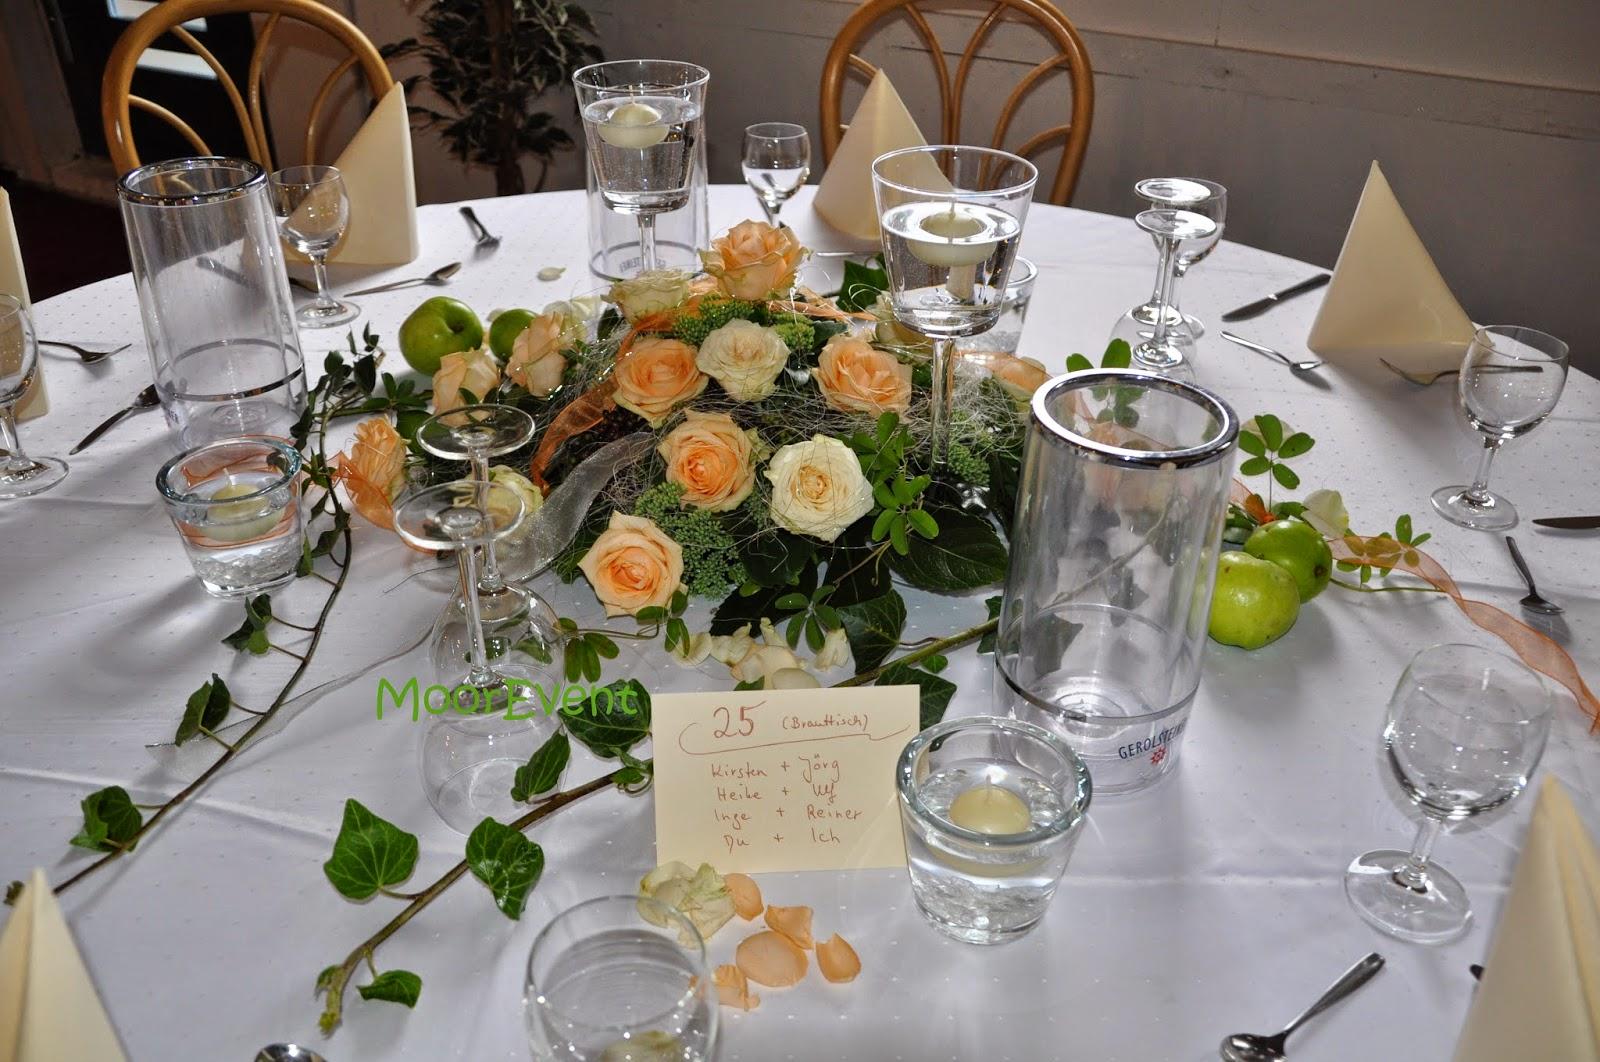 Hochzeit Apricot Creme Gastebuch Zur Hochzeit Quottaft Creme Quot